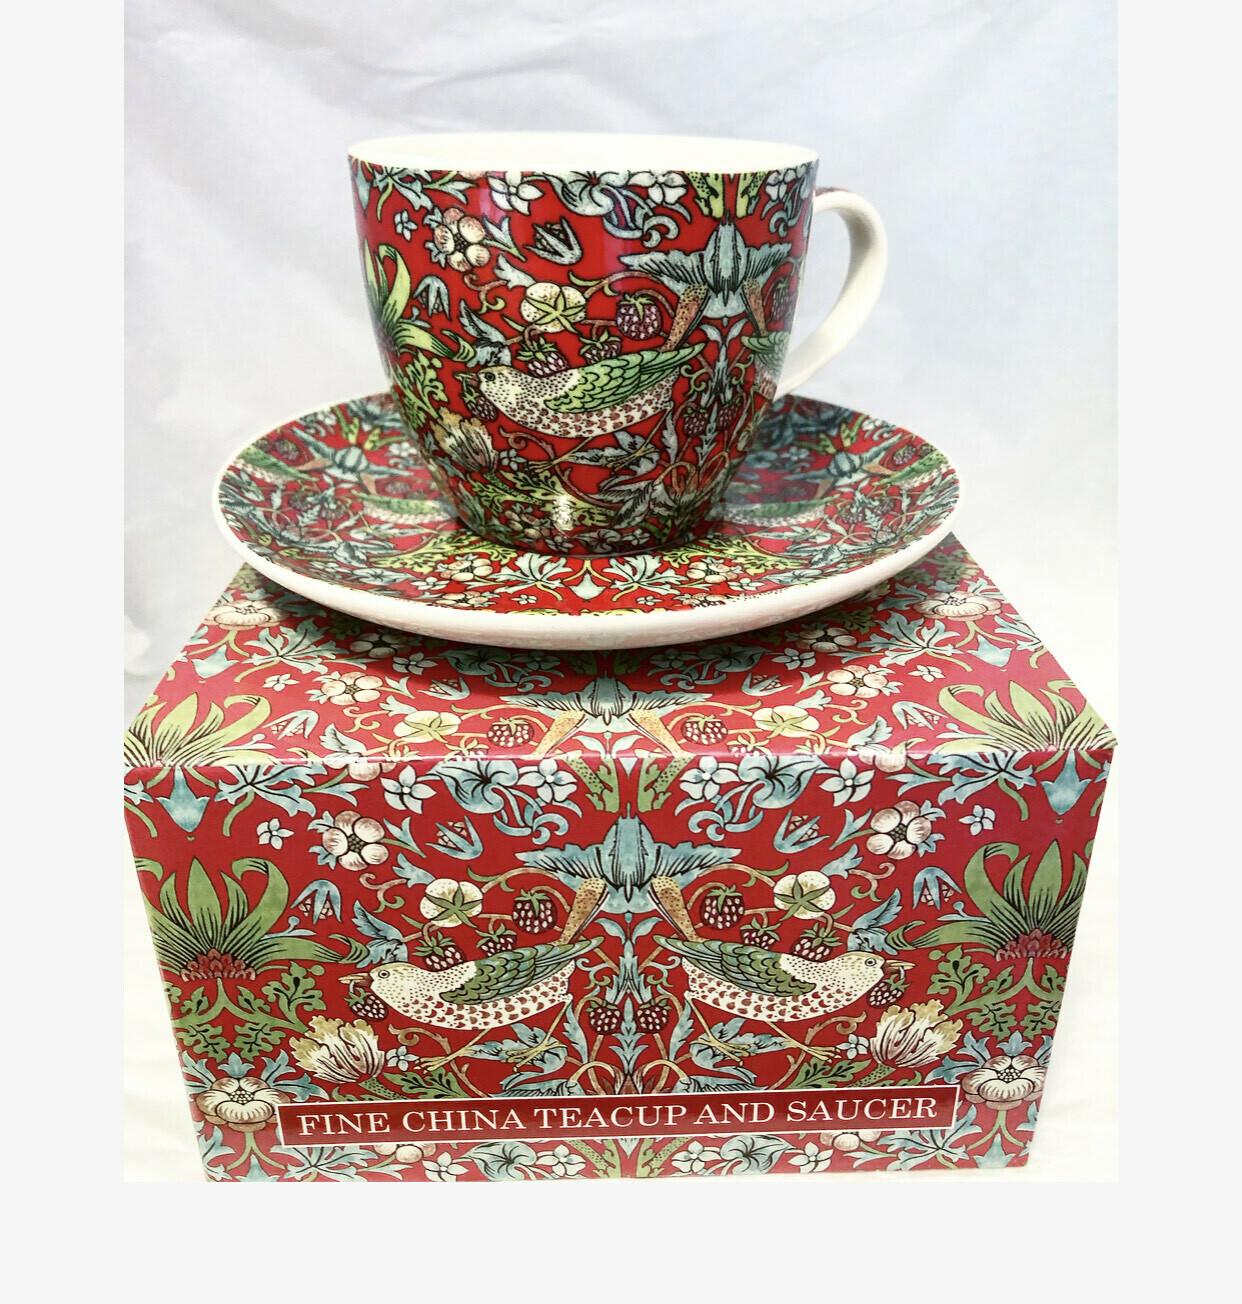 NOSTALGIC CERAMICS - TeaCup and saucer